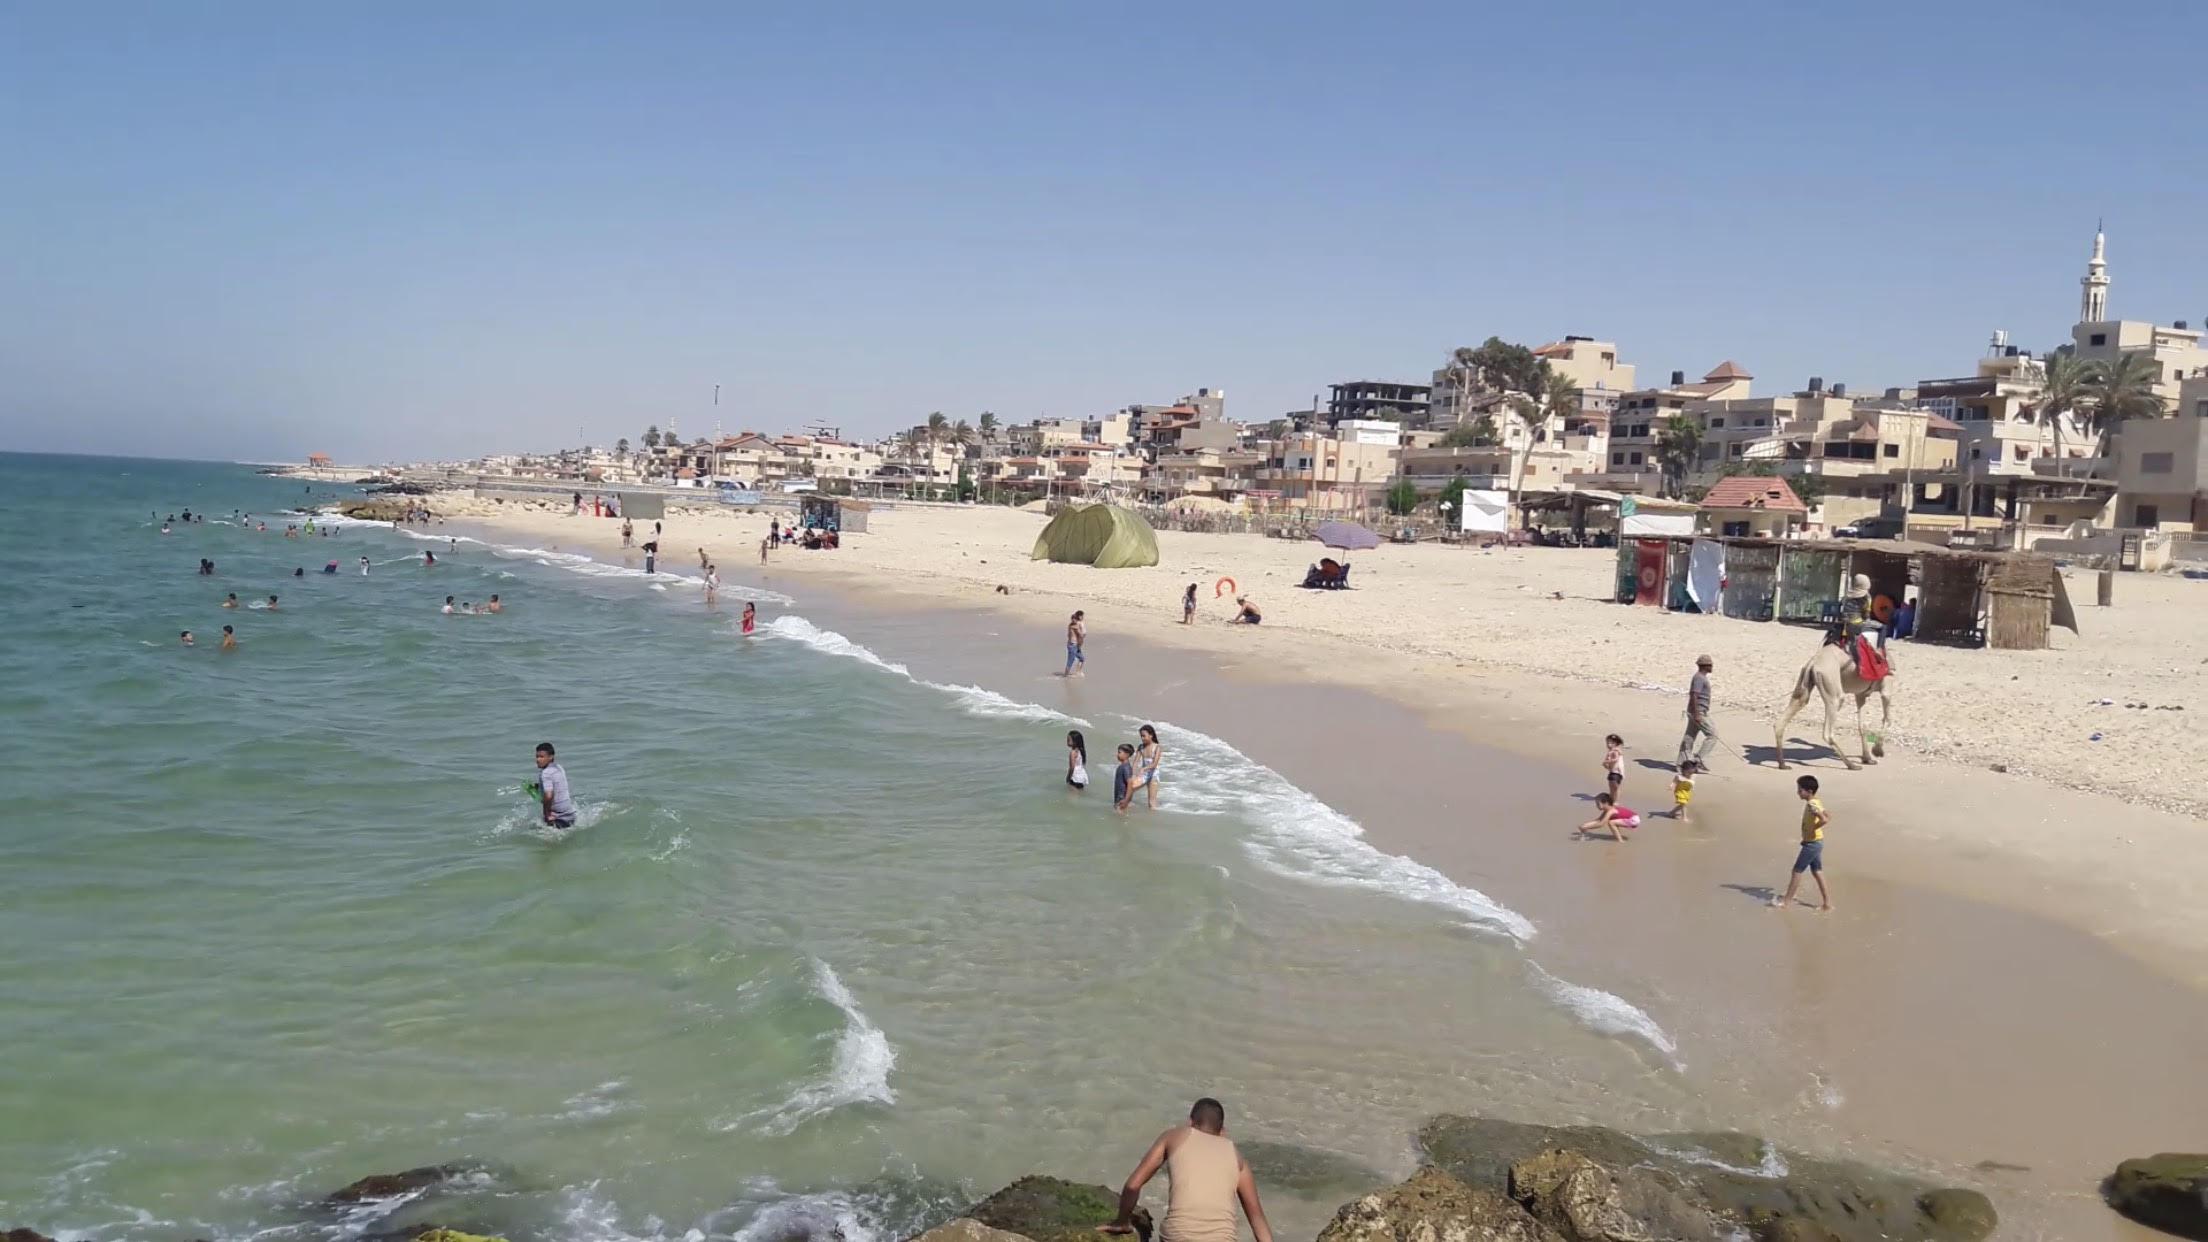 أهالى شمال سيناء يحتفلون برابع أيام العيد على شاطئ العريش (3)